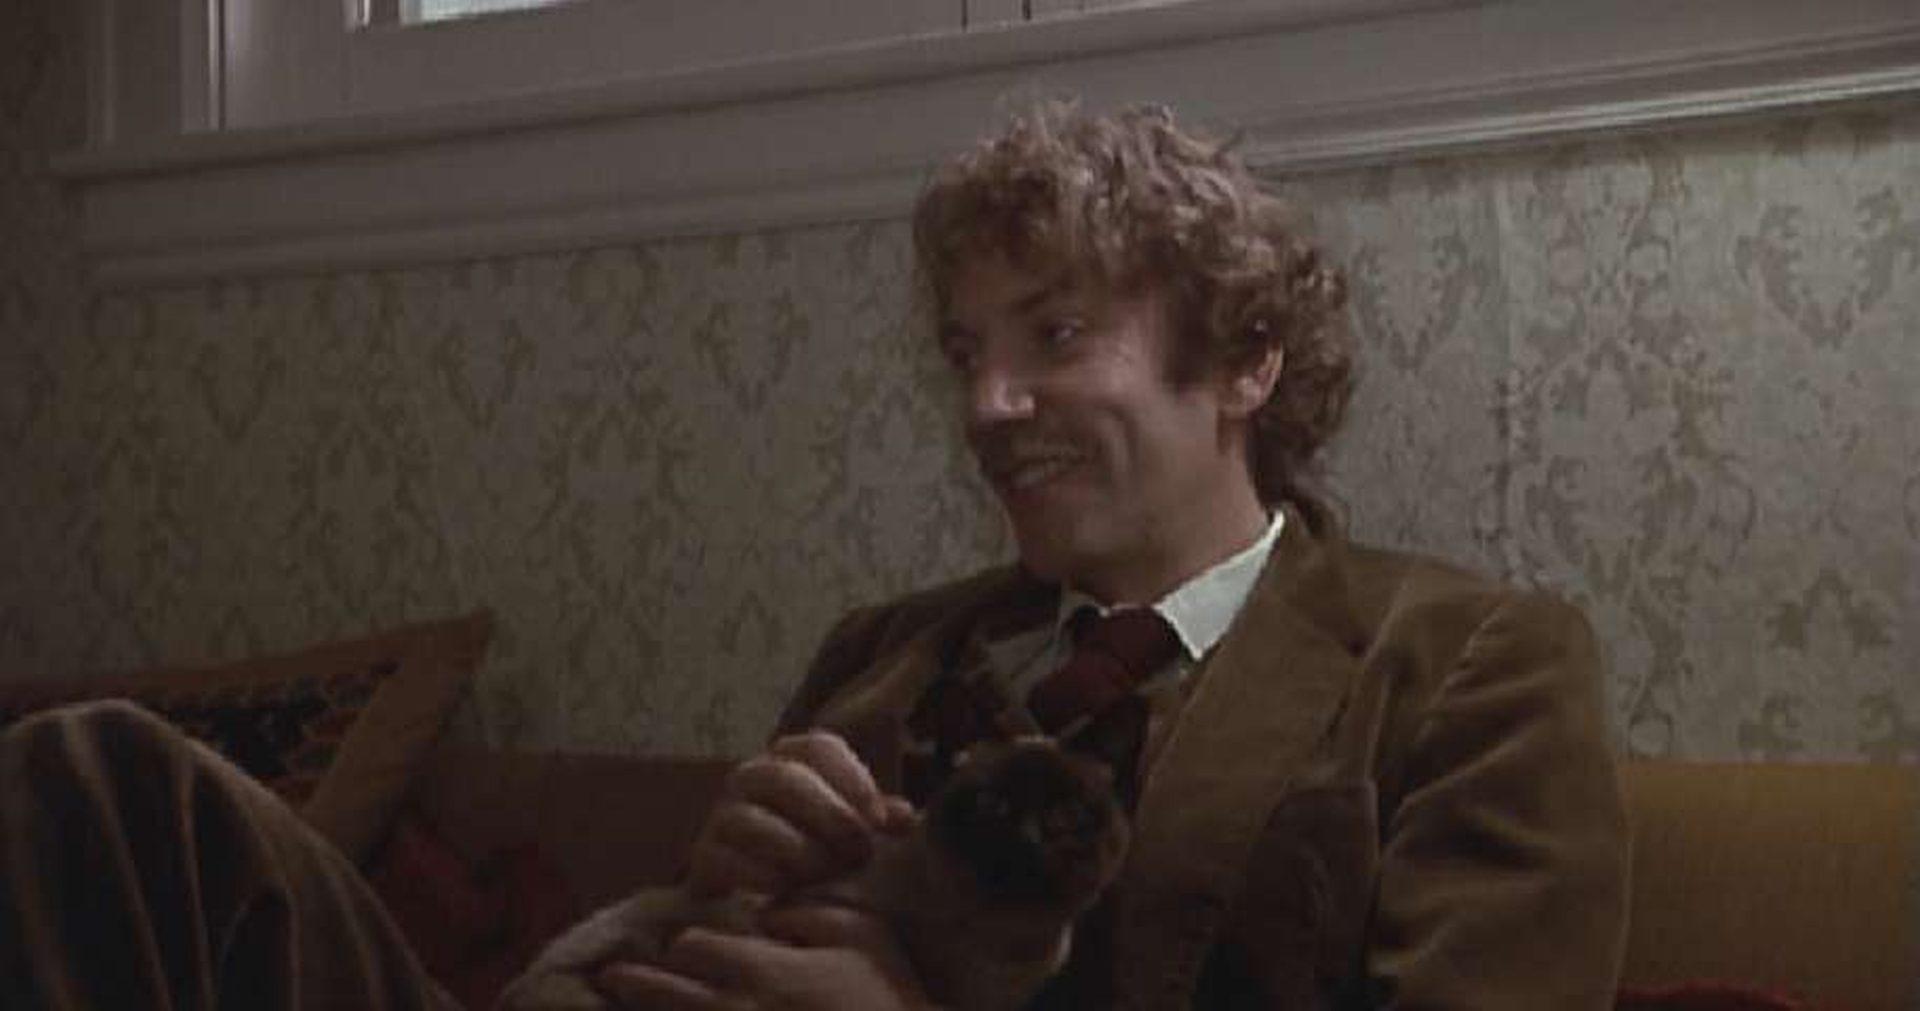 Donald Sutherland in akademischem Outfit als Dozent, der grinsend an einer Wand lehnt.